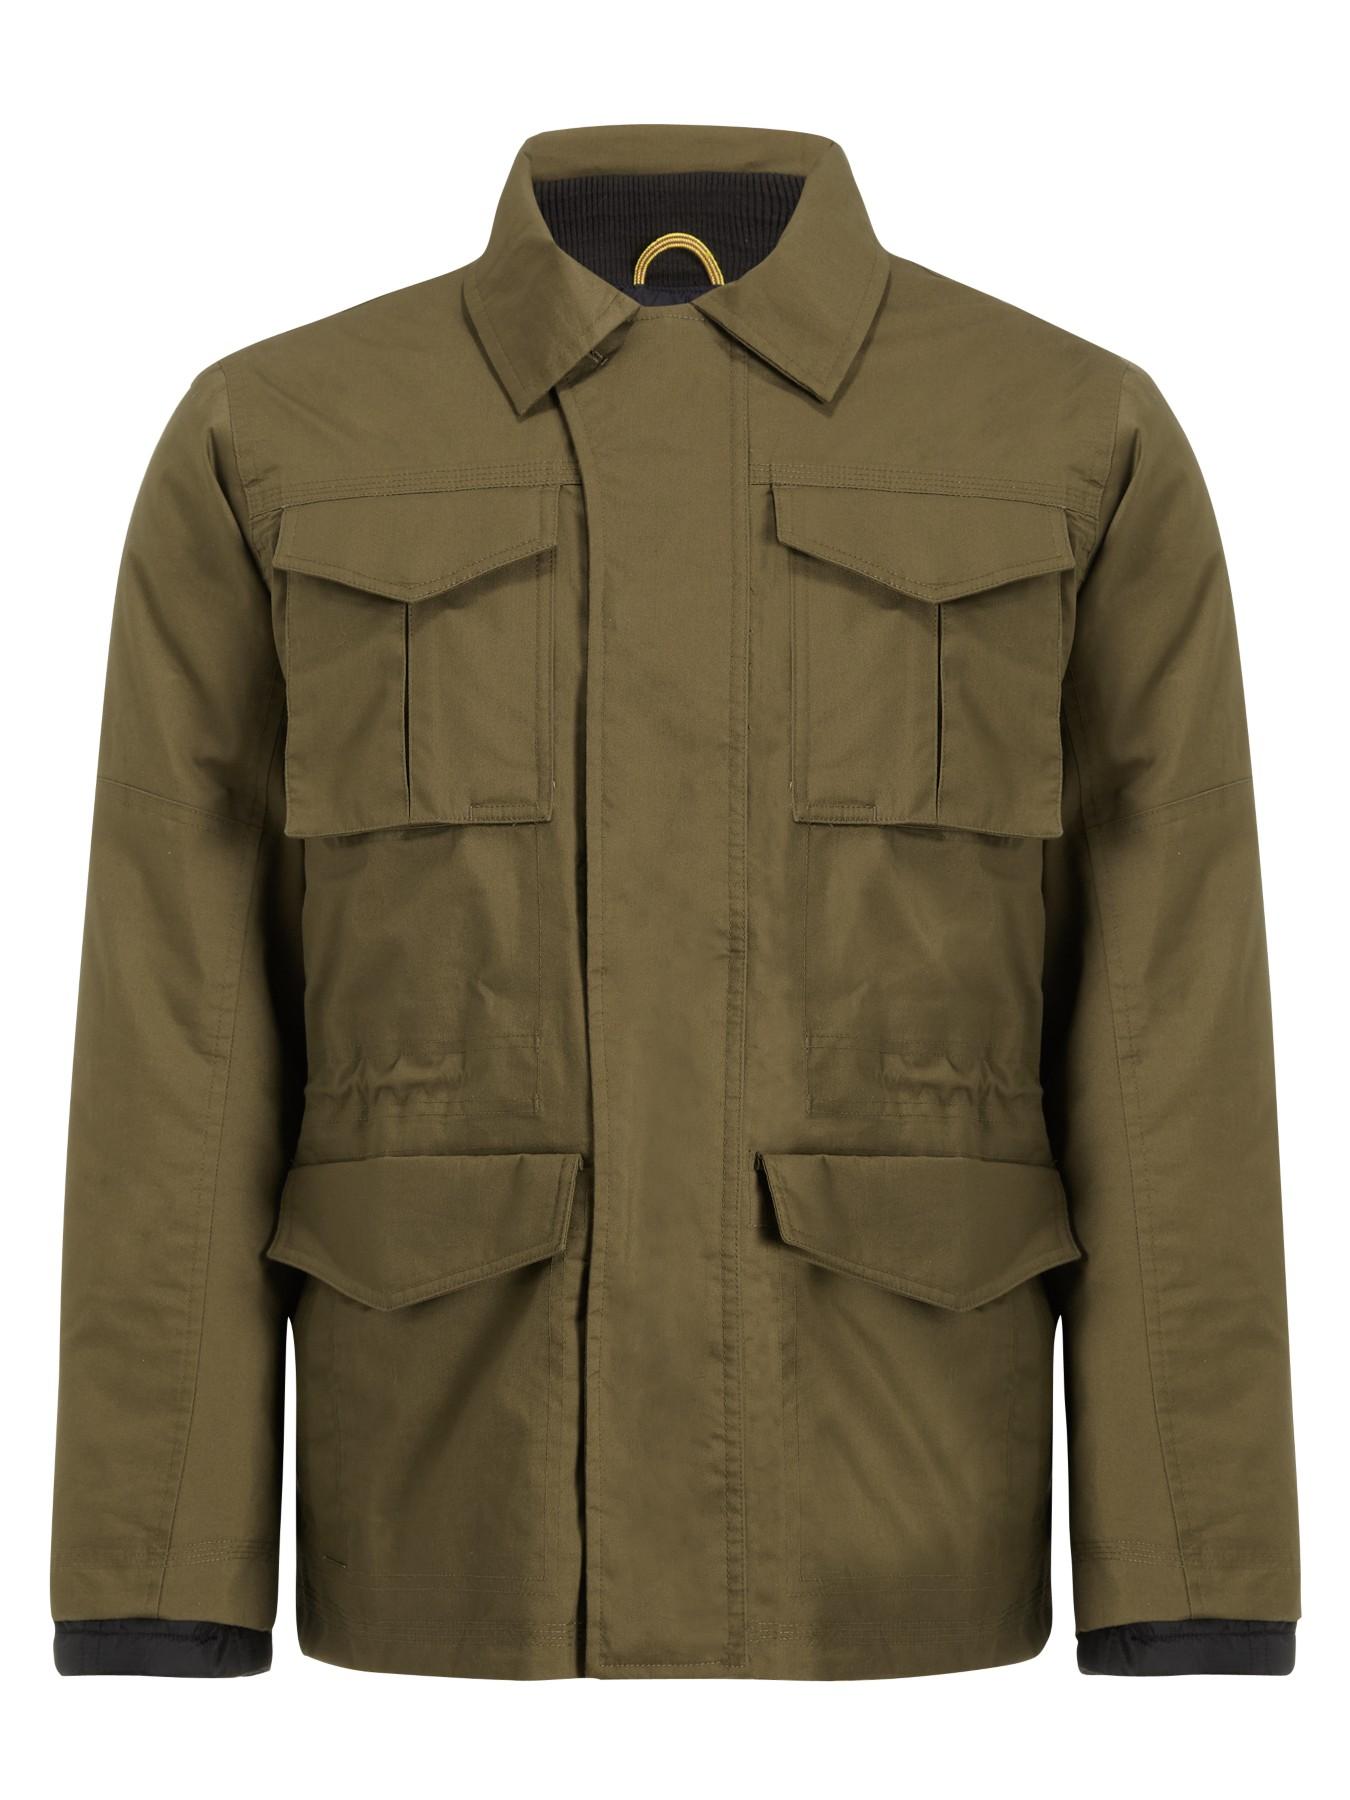 Timberland Abington 3in1 Waterproof Field Jacket In Green